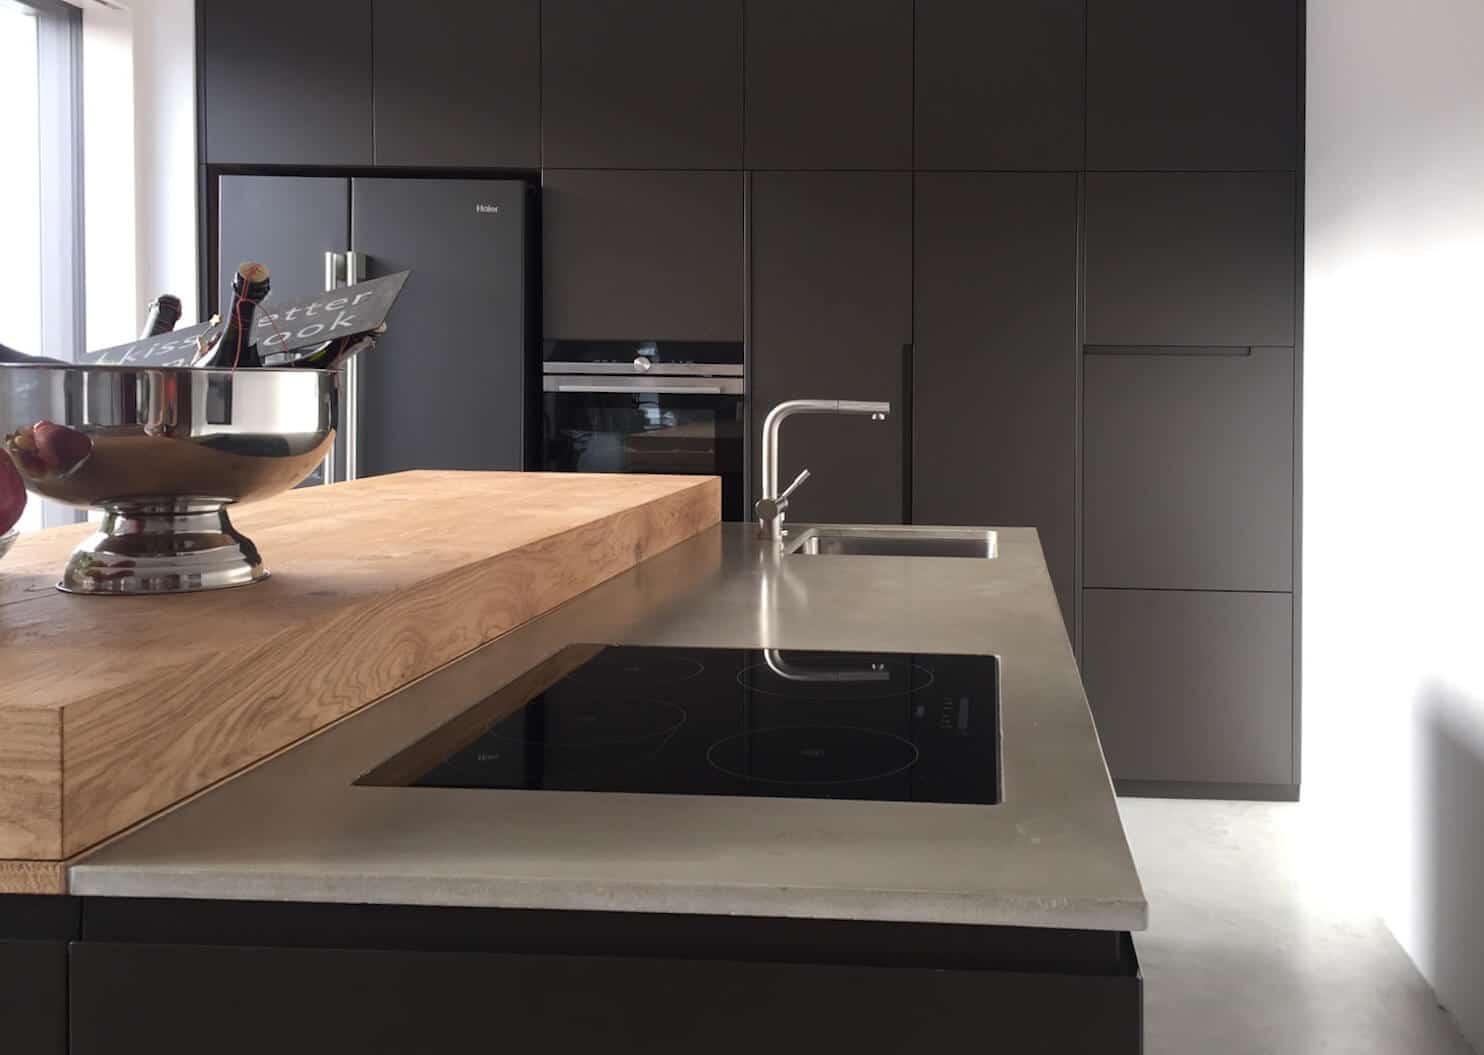 Individueller Gestaltung mit Wohnbeton in der Küche